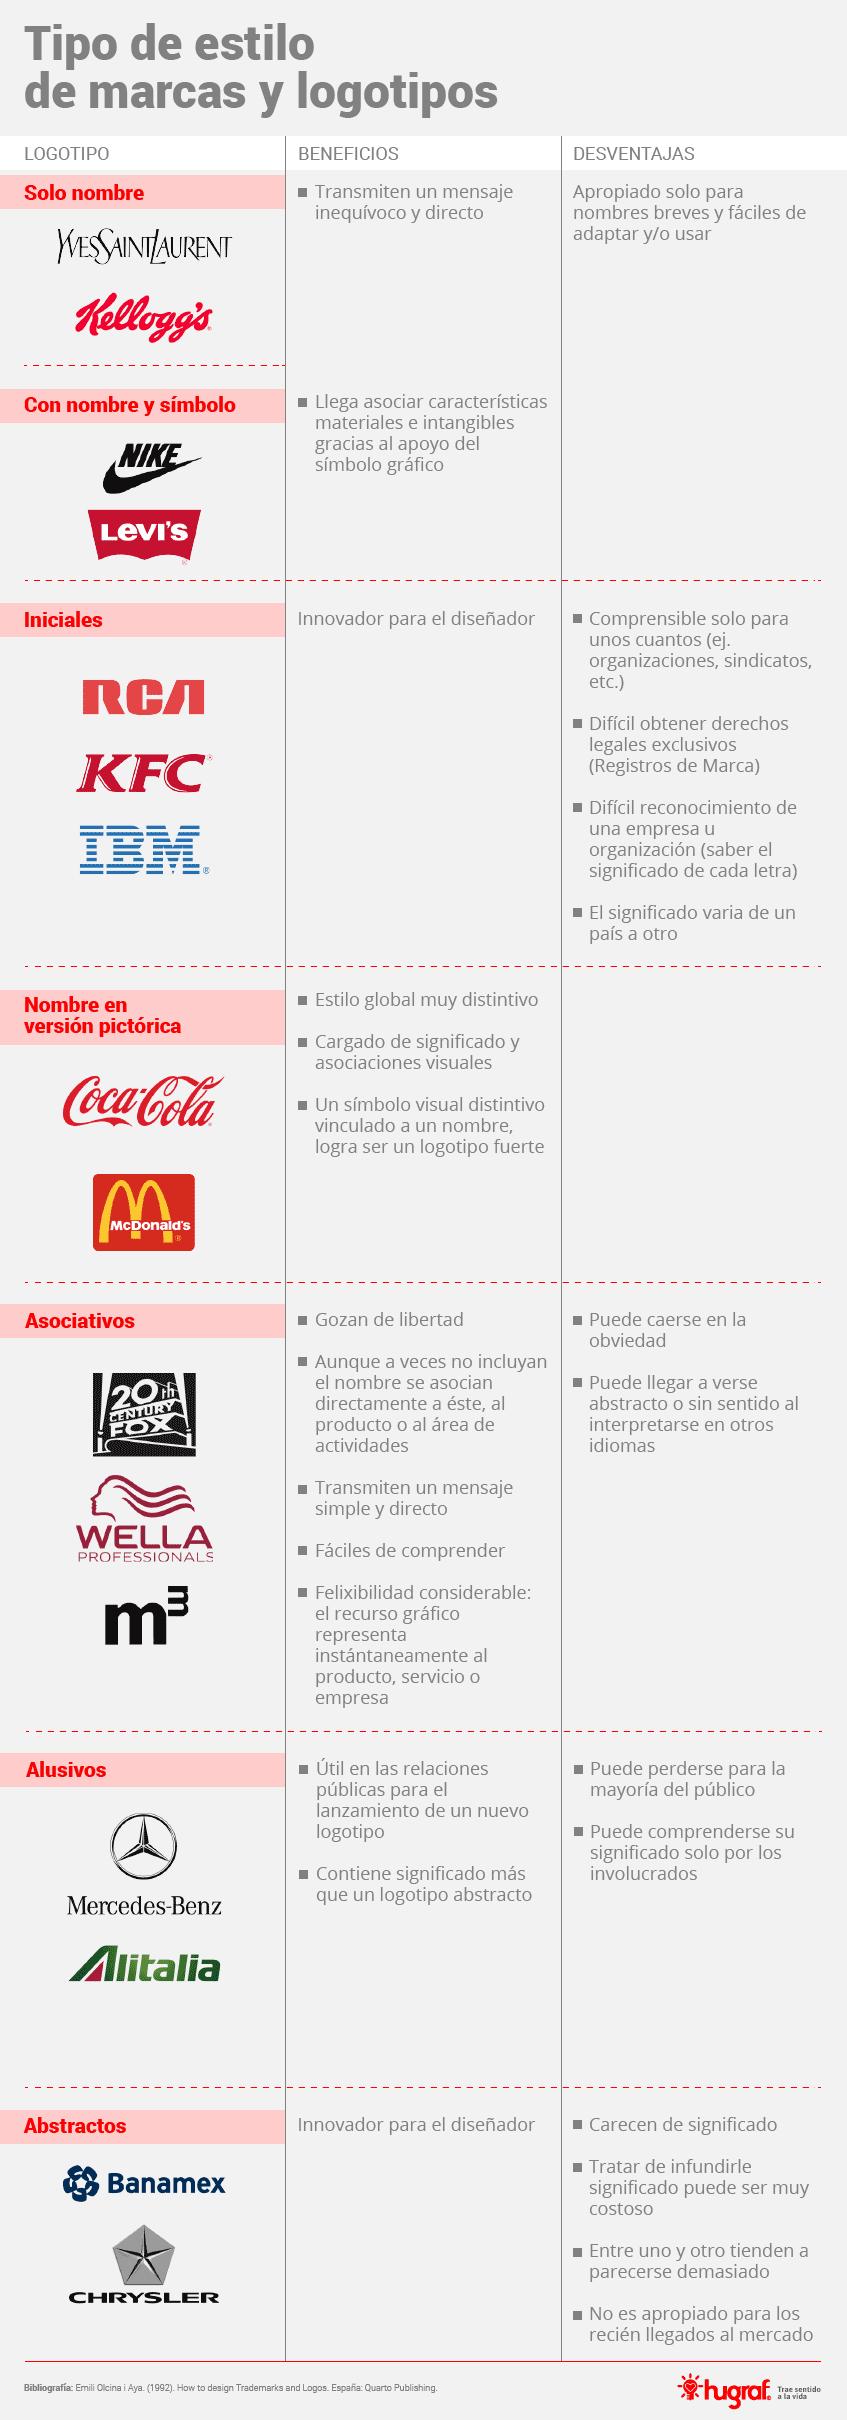 Infografico-Tipo-de-Estilo-para-Marcas-y-Logotipos